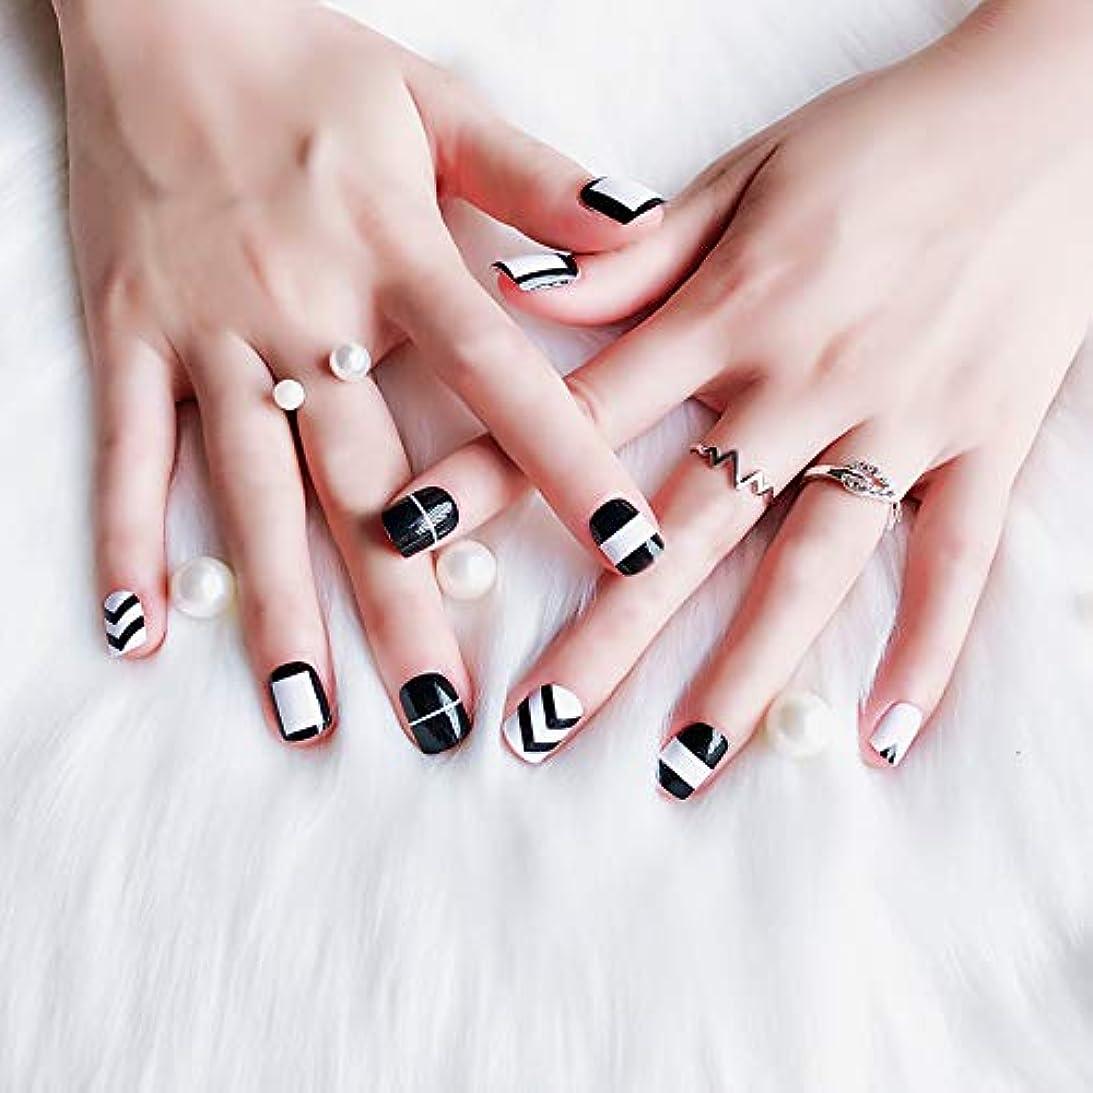 とげのある開発臭いトレンド黒と白の偽の爪 24枚入 短いさネイルチップ ネイルチップの完成品 可愛い優雅ネイル ネイル花嫁 つけ爪 (B01)